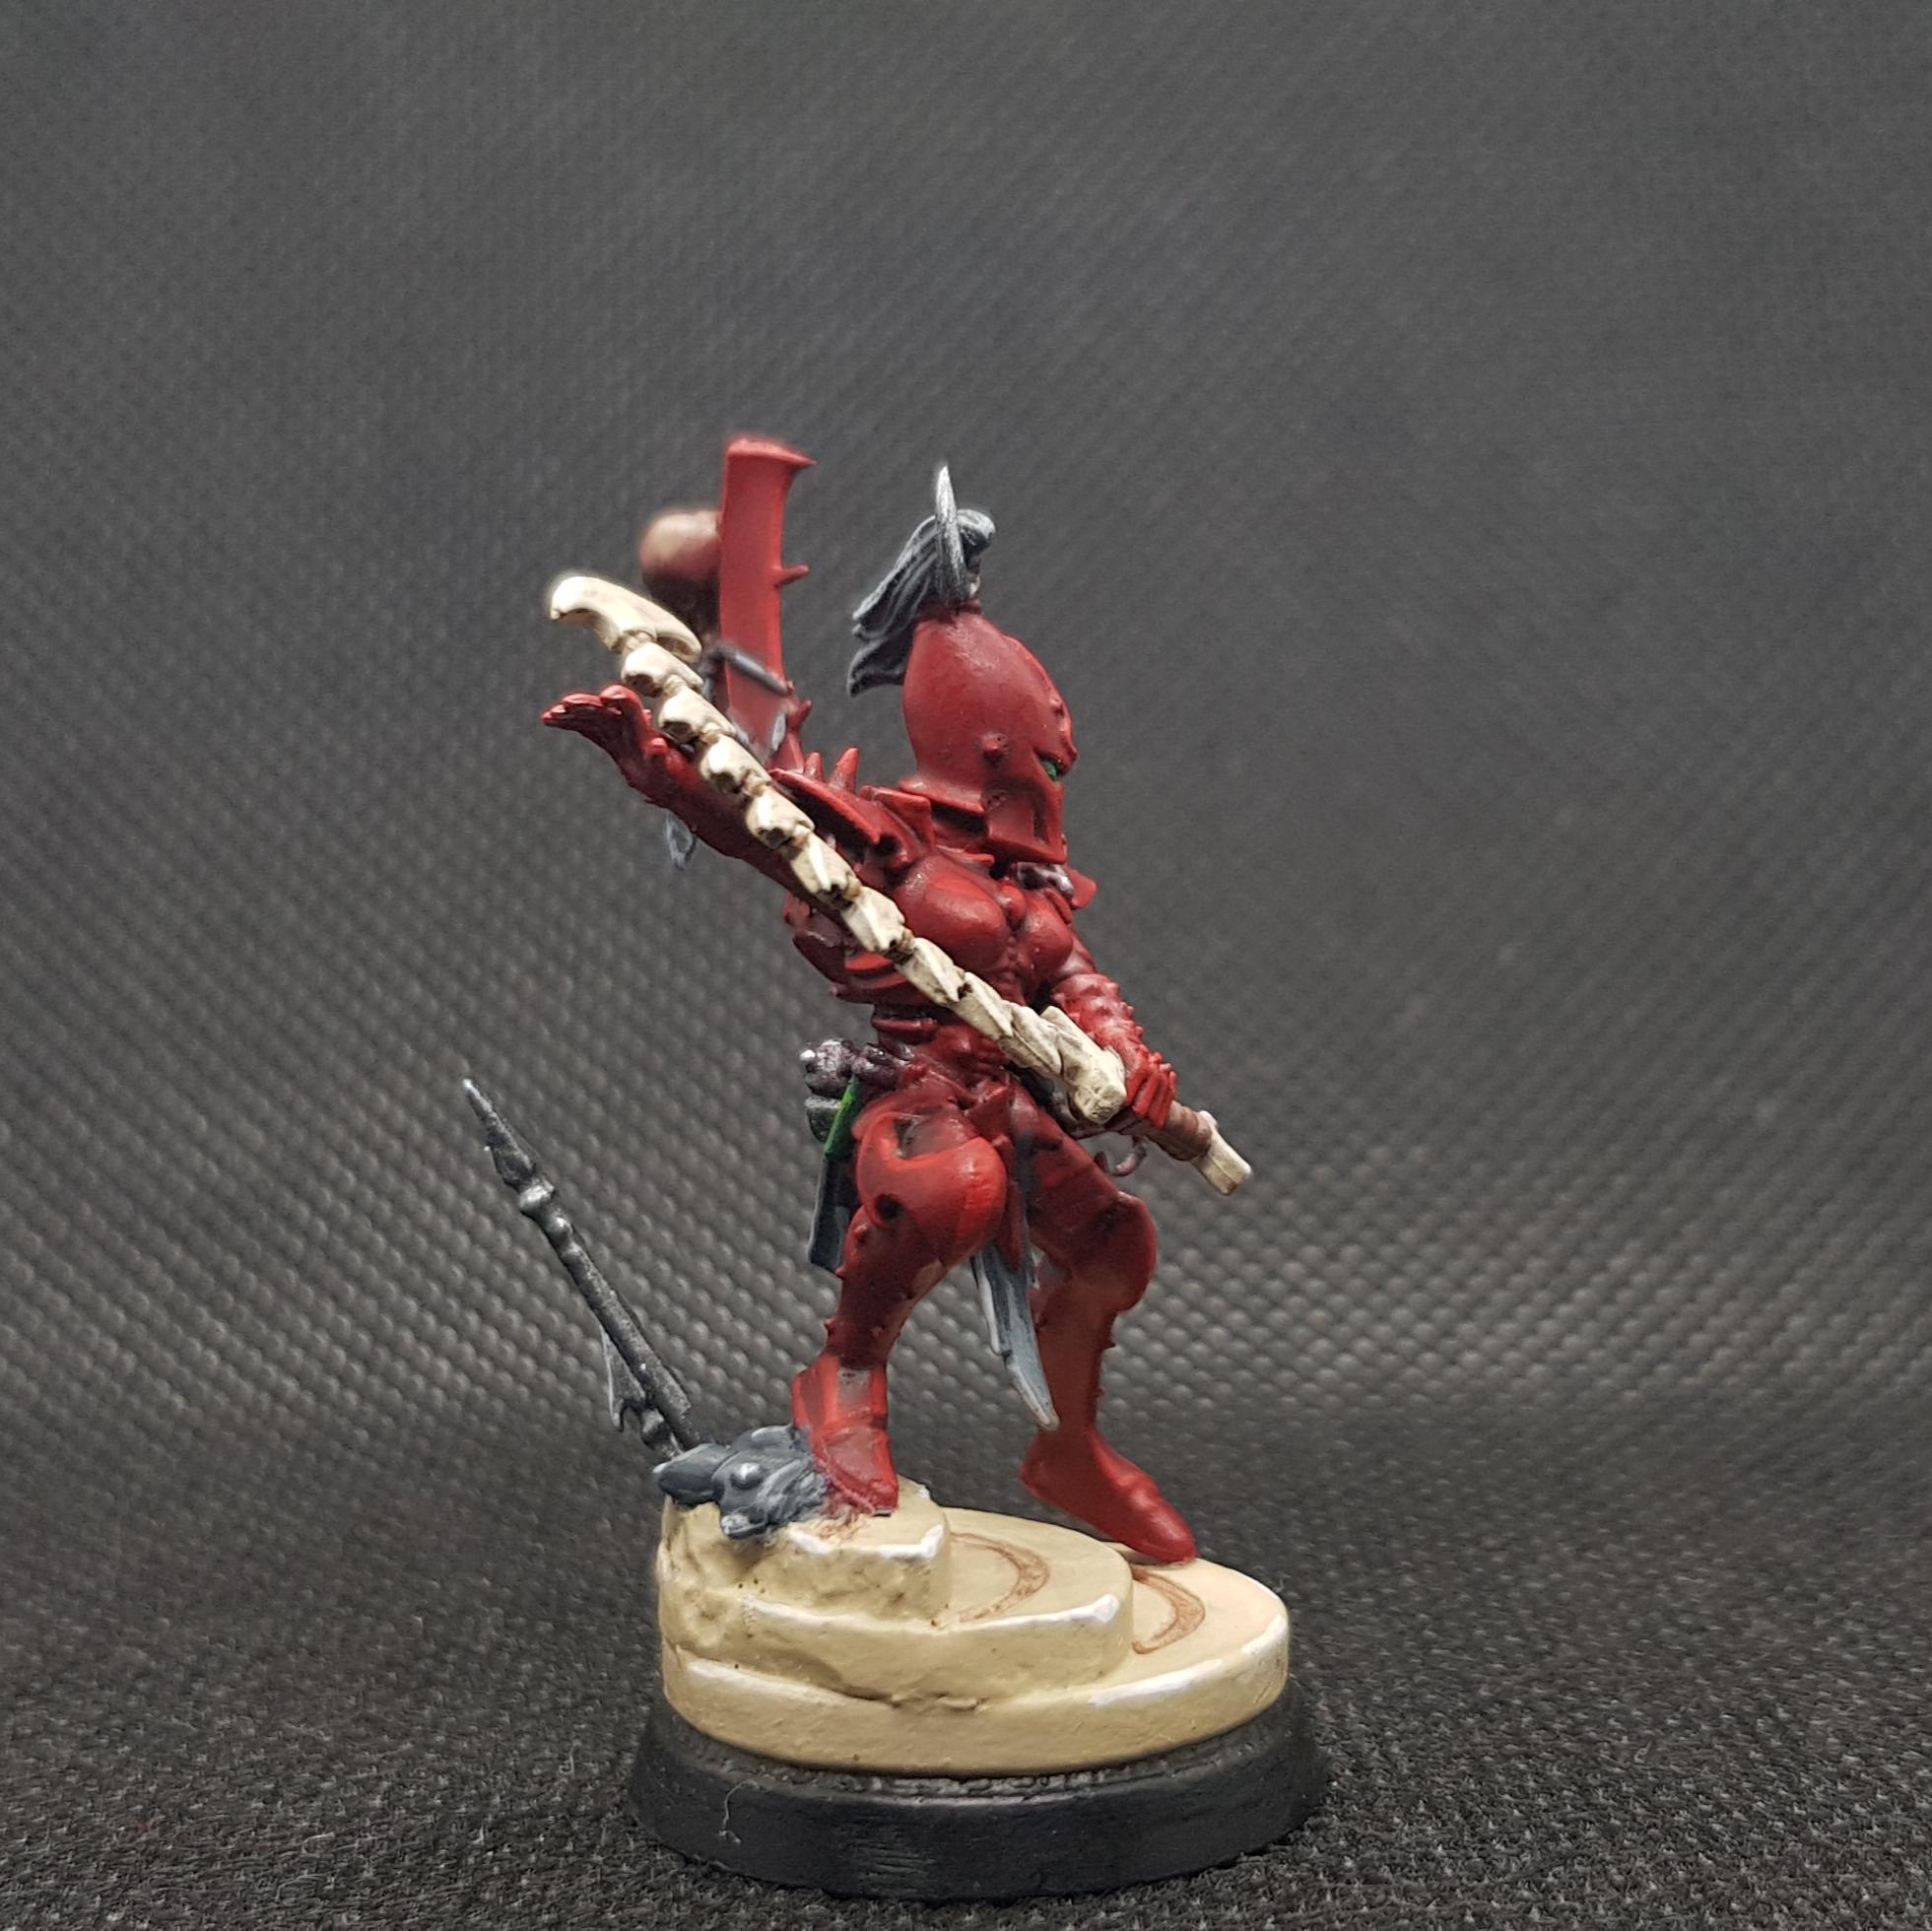 Aeldari, Archon, Dark Eldar, Drukhari, Eldar, Kabal, Kabalite, Warhammer 40,000, Warhammer Fantasy, Warriors, Wych Cult